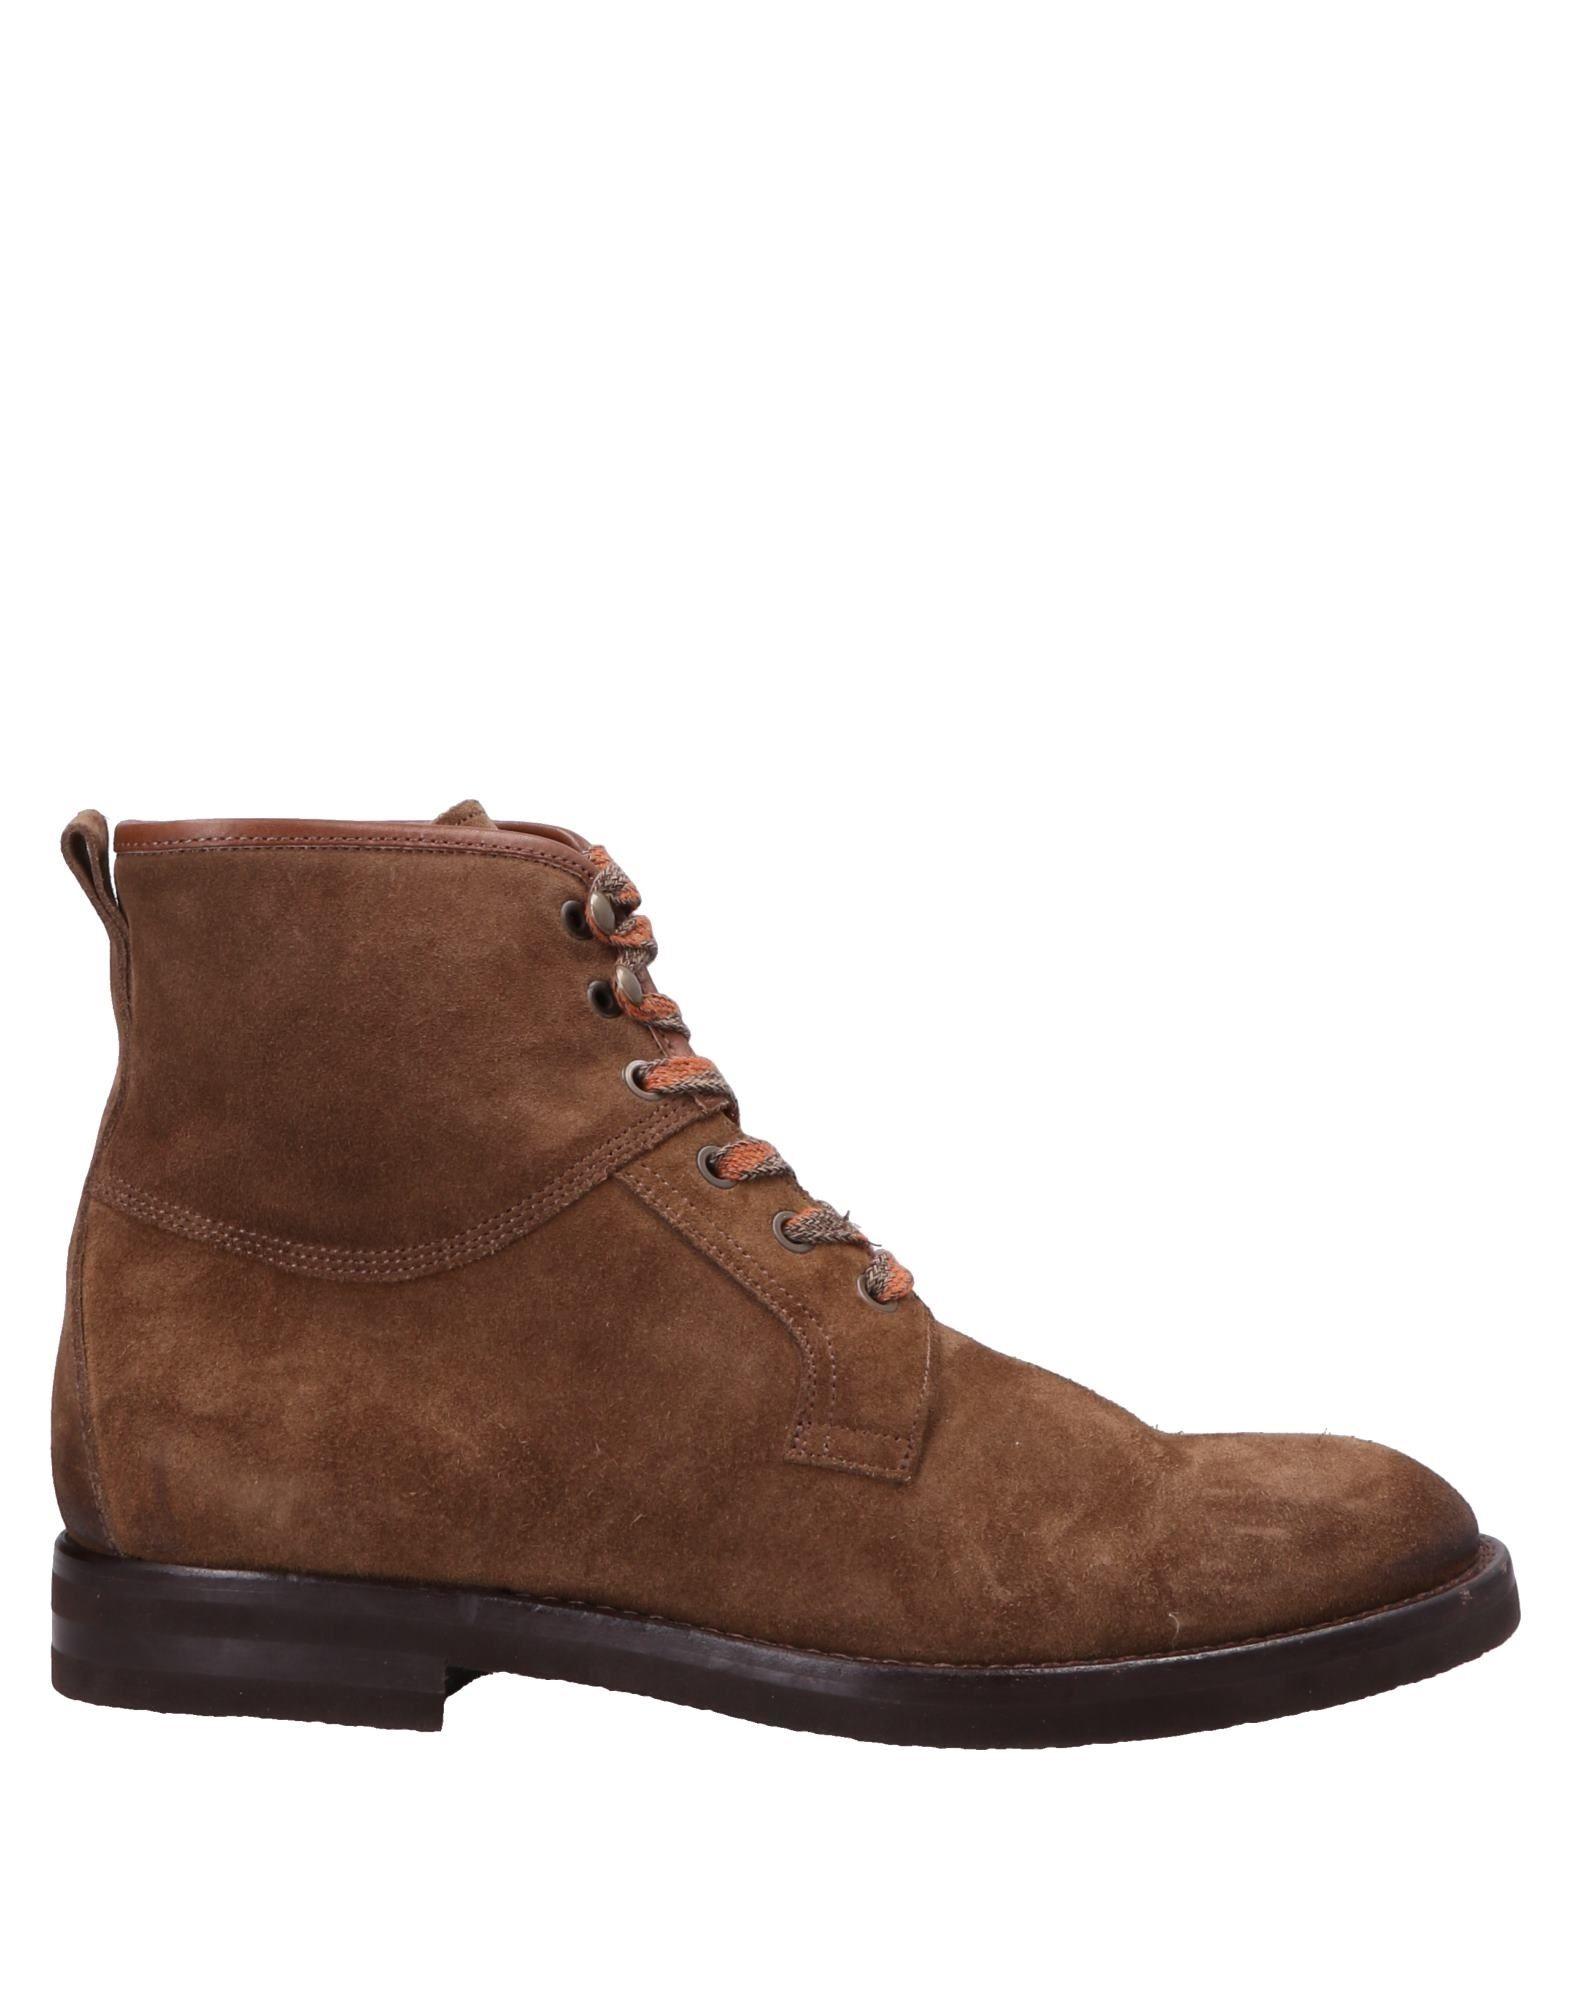 Antonio Maurizi Stiefelette Herren  11556459VV Gute Qualität beliebte Schuhe